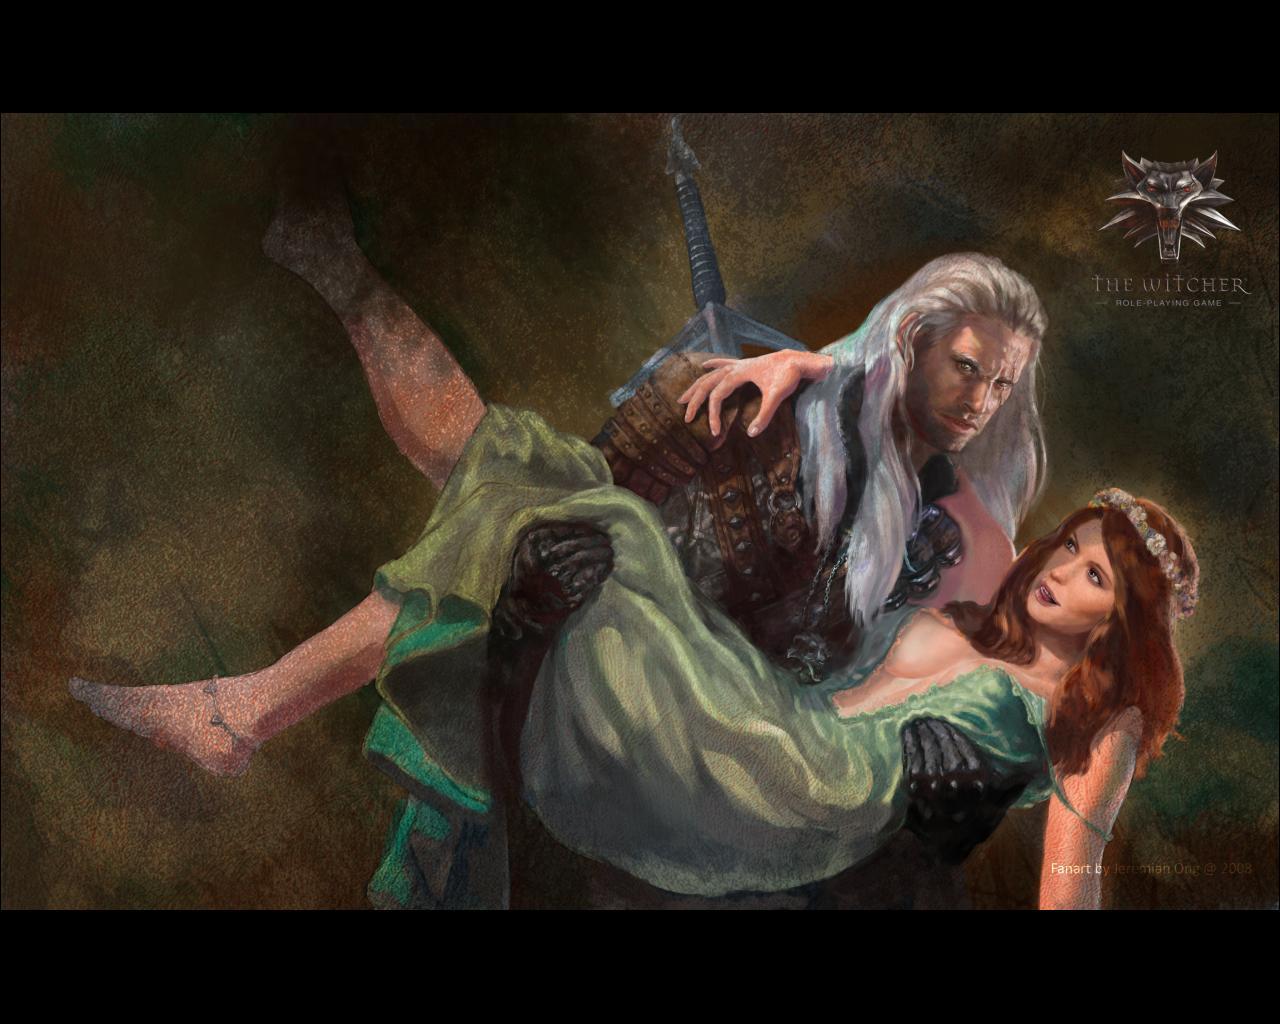 Оригинальные/интересные арты по Ведьмаку. - Изображение 22